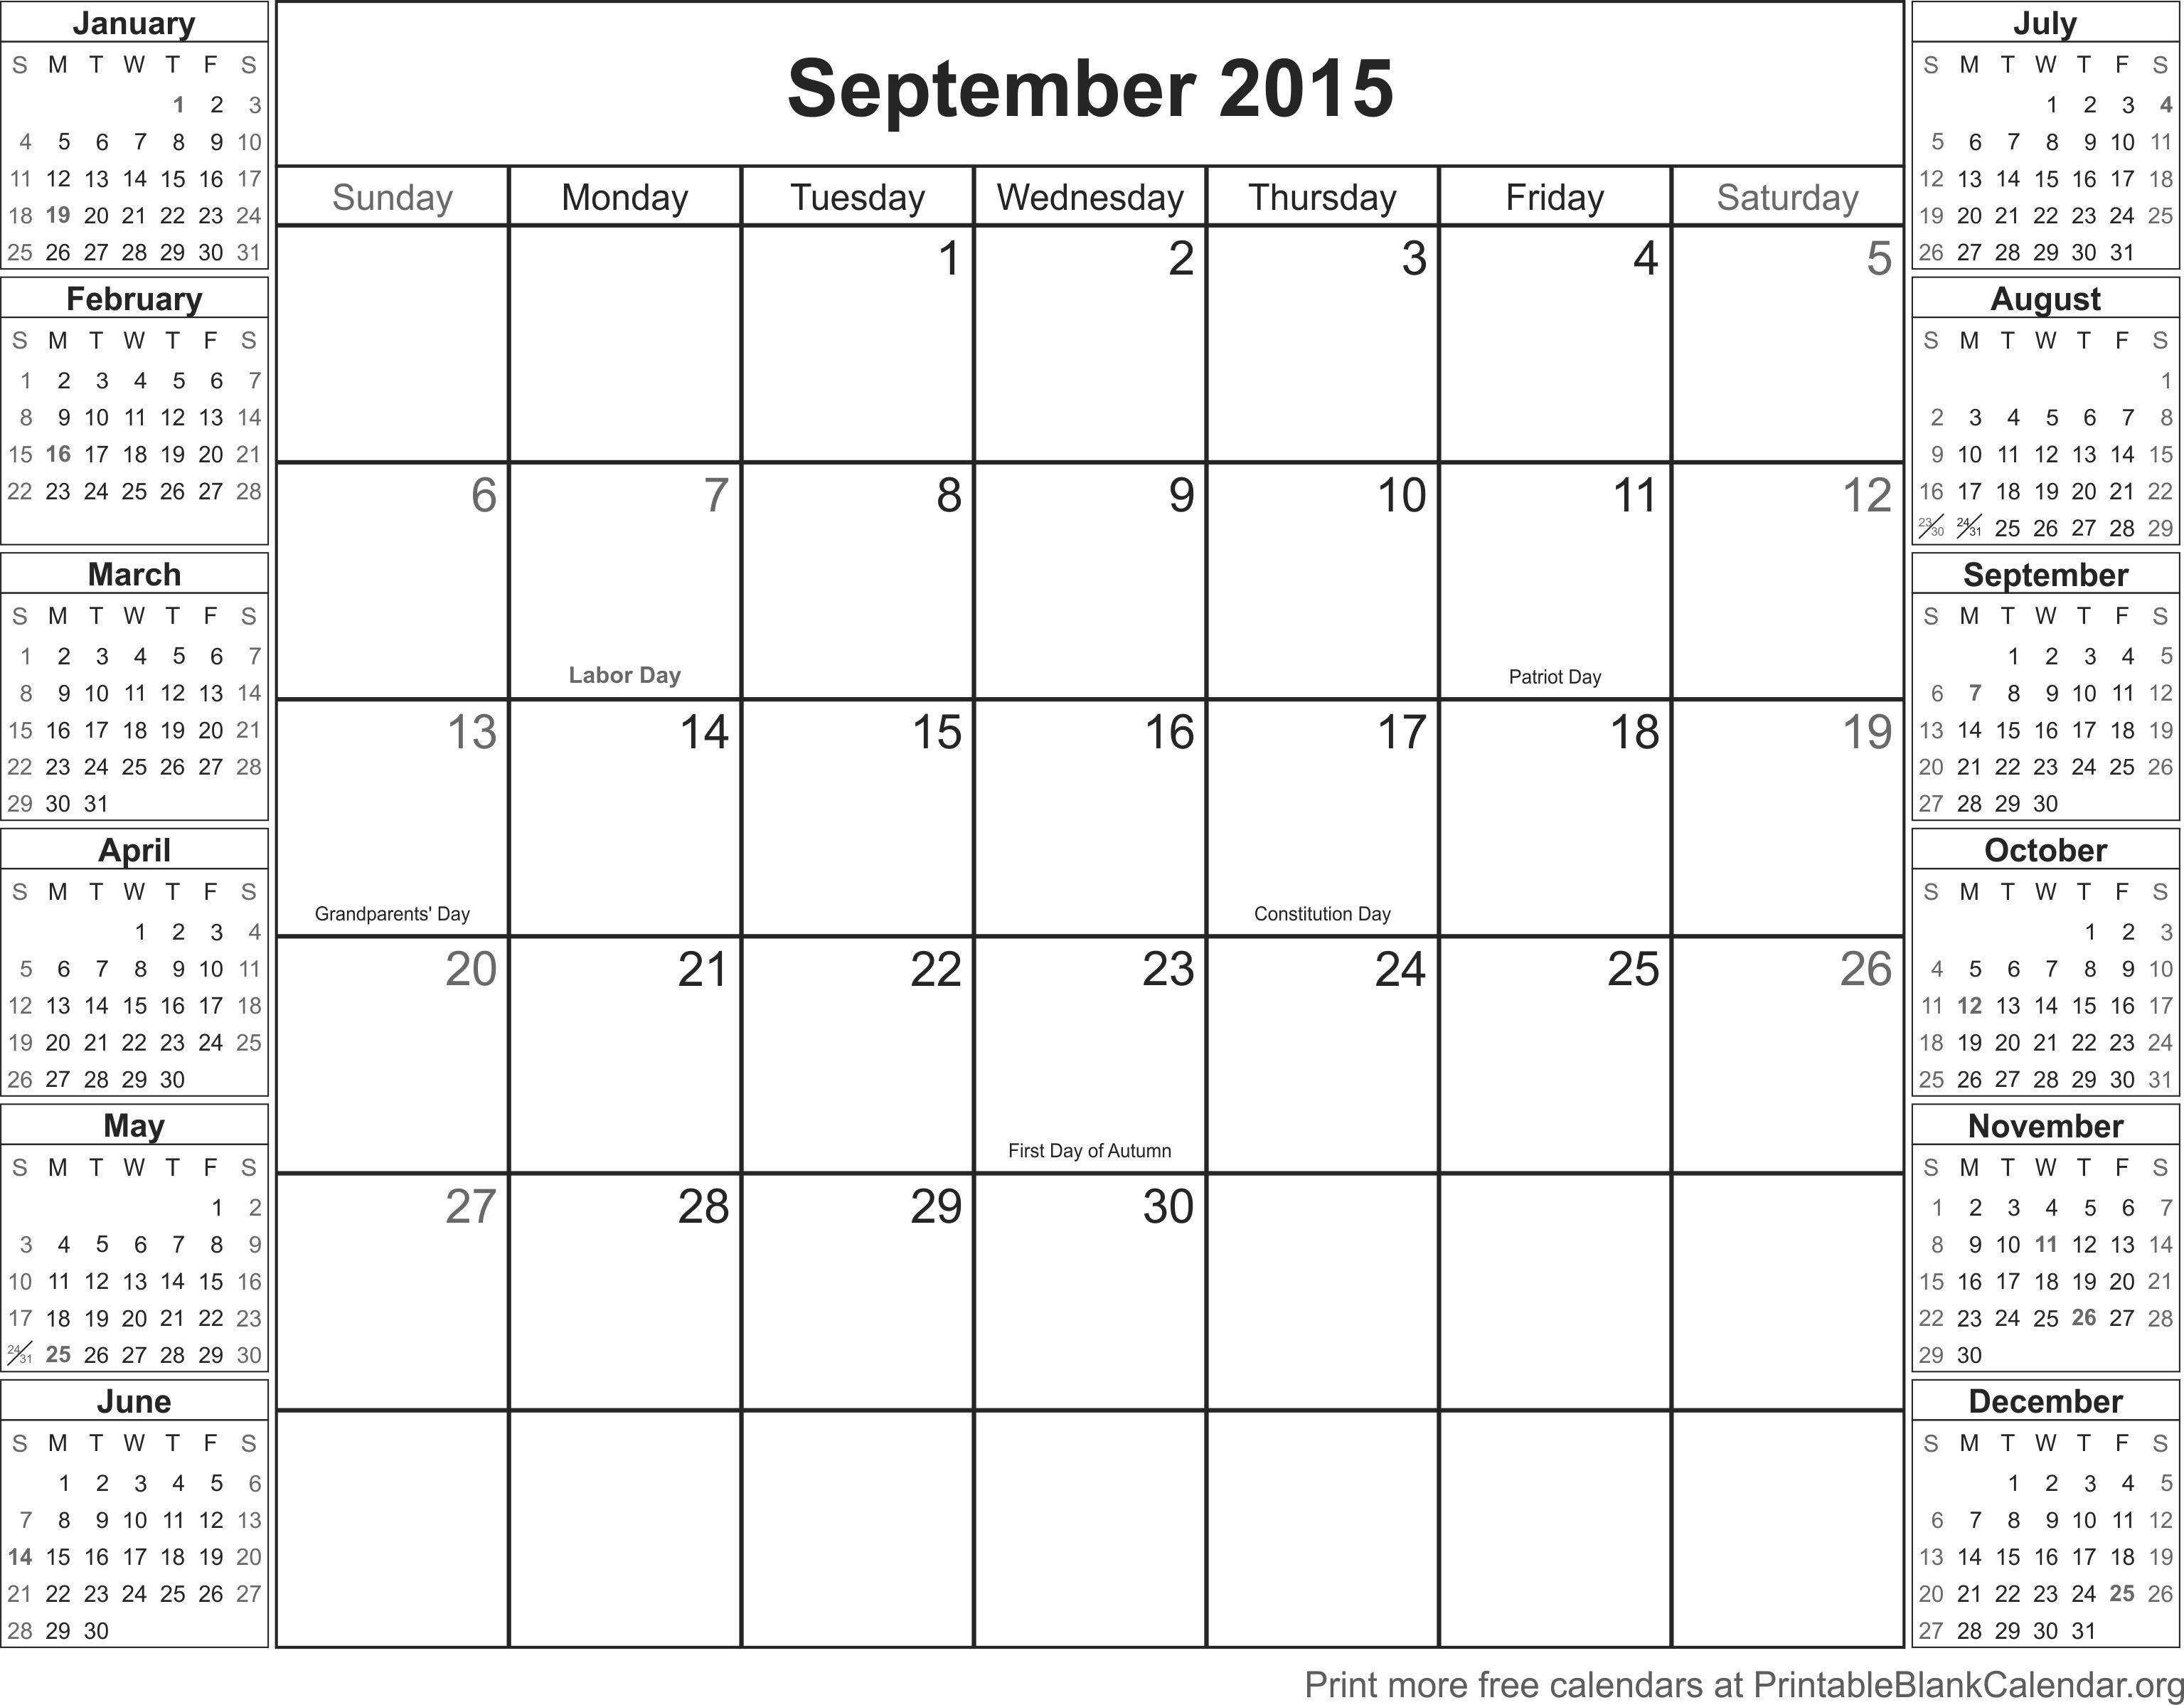 September calendar template 2015 romeondinez september calendar template 2015 maxwellsz